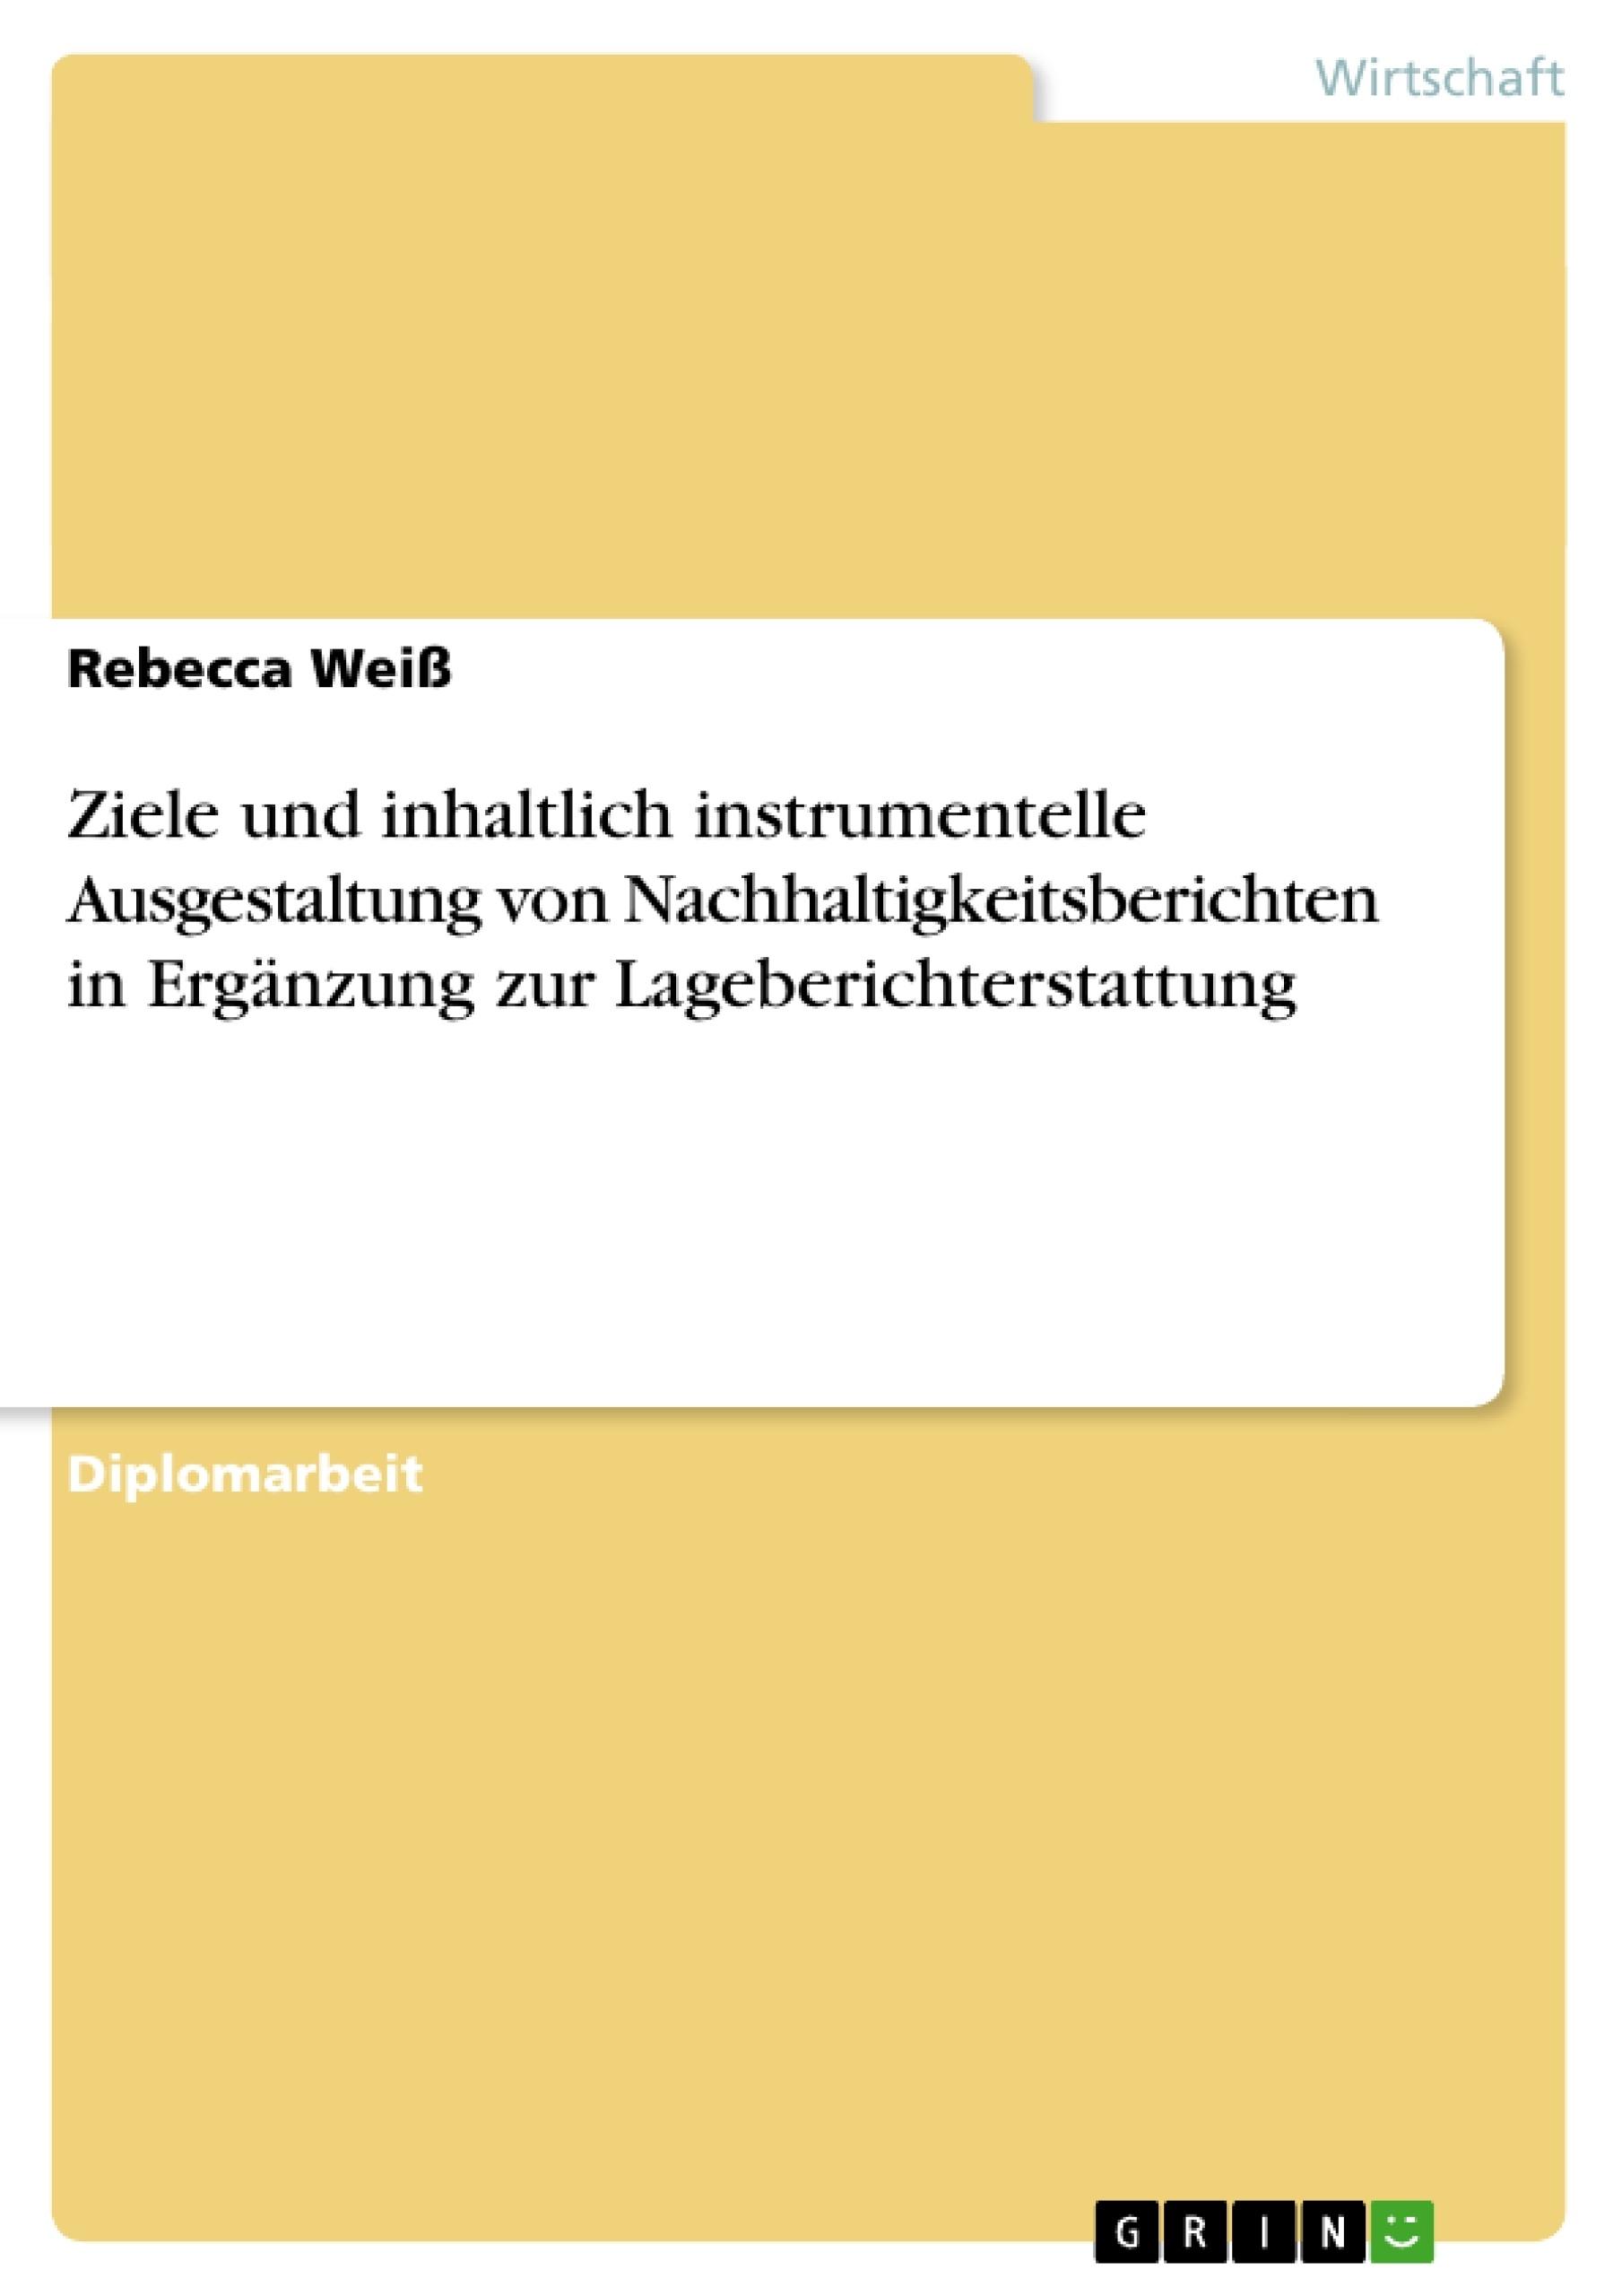 Titel: Ziele und inhaltlich instrumentelle Ausgestaltung von Nachhaltigkeitsberichten in Ergänzung zur Lageberichterstattung